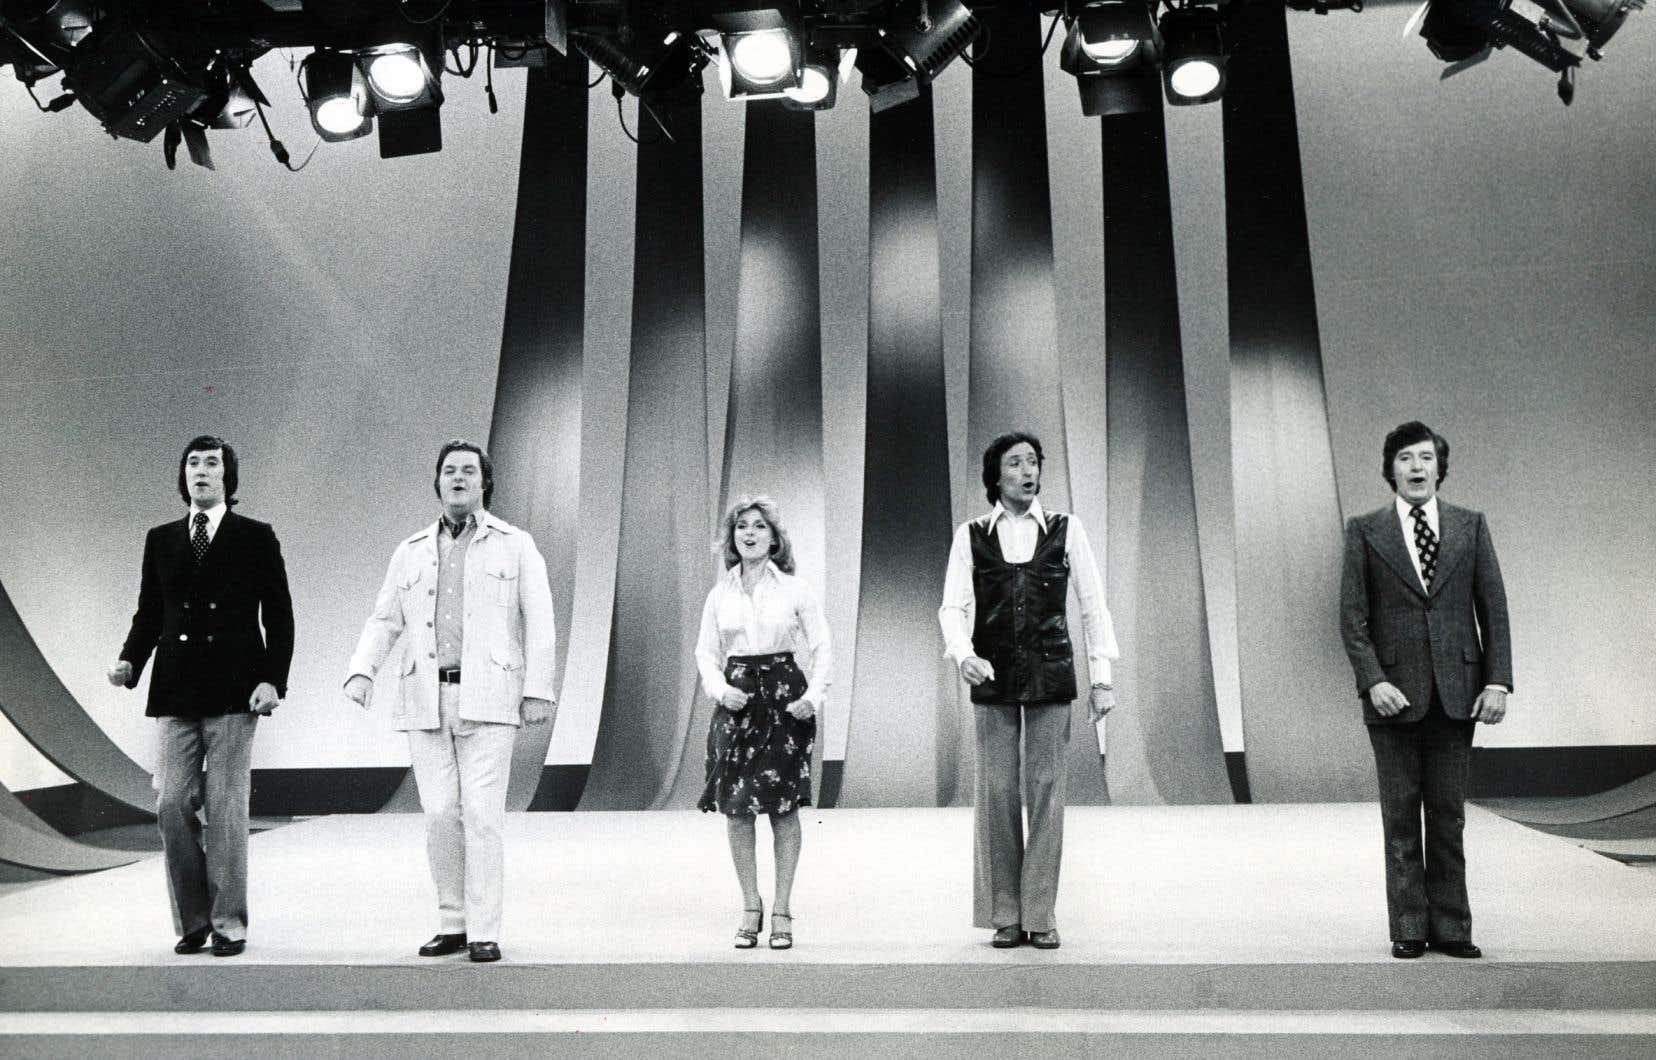 Une scène de l'émission «Les beaux dimanches» avec les comédiens André Dubois, Claude Michaud, Dominique Michel, Benoît Marleau et Paul Berval, durant la saison 1974-1975